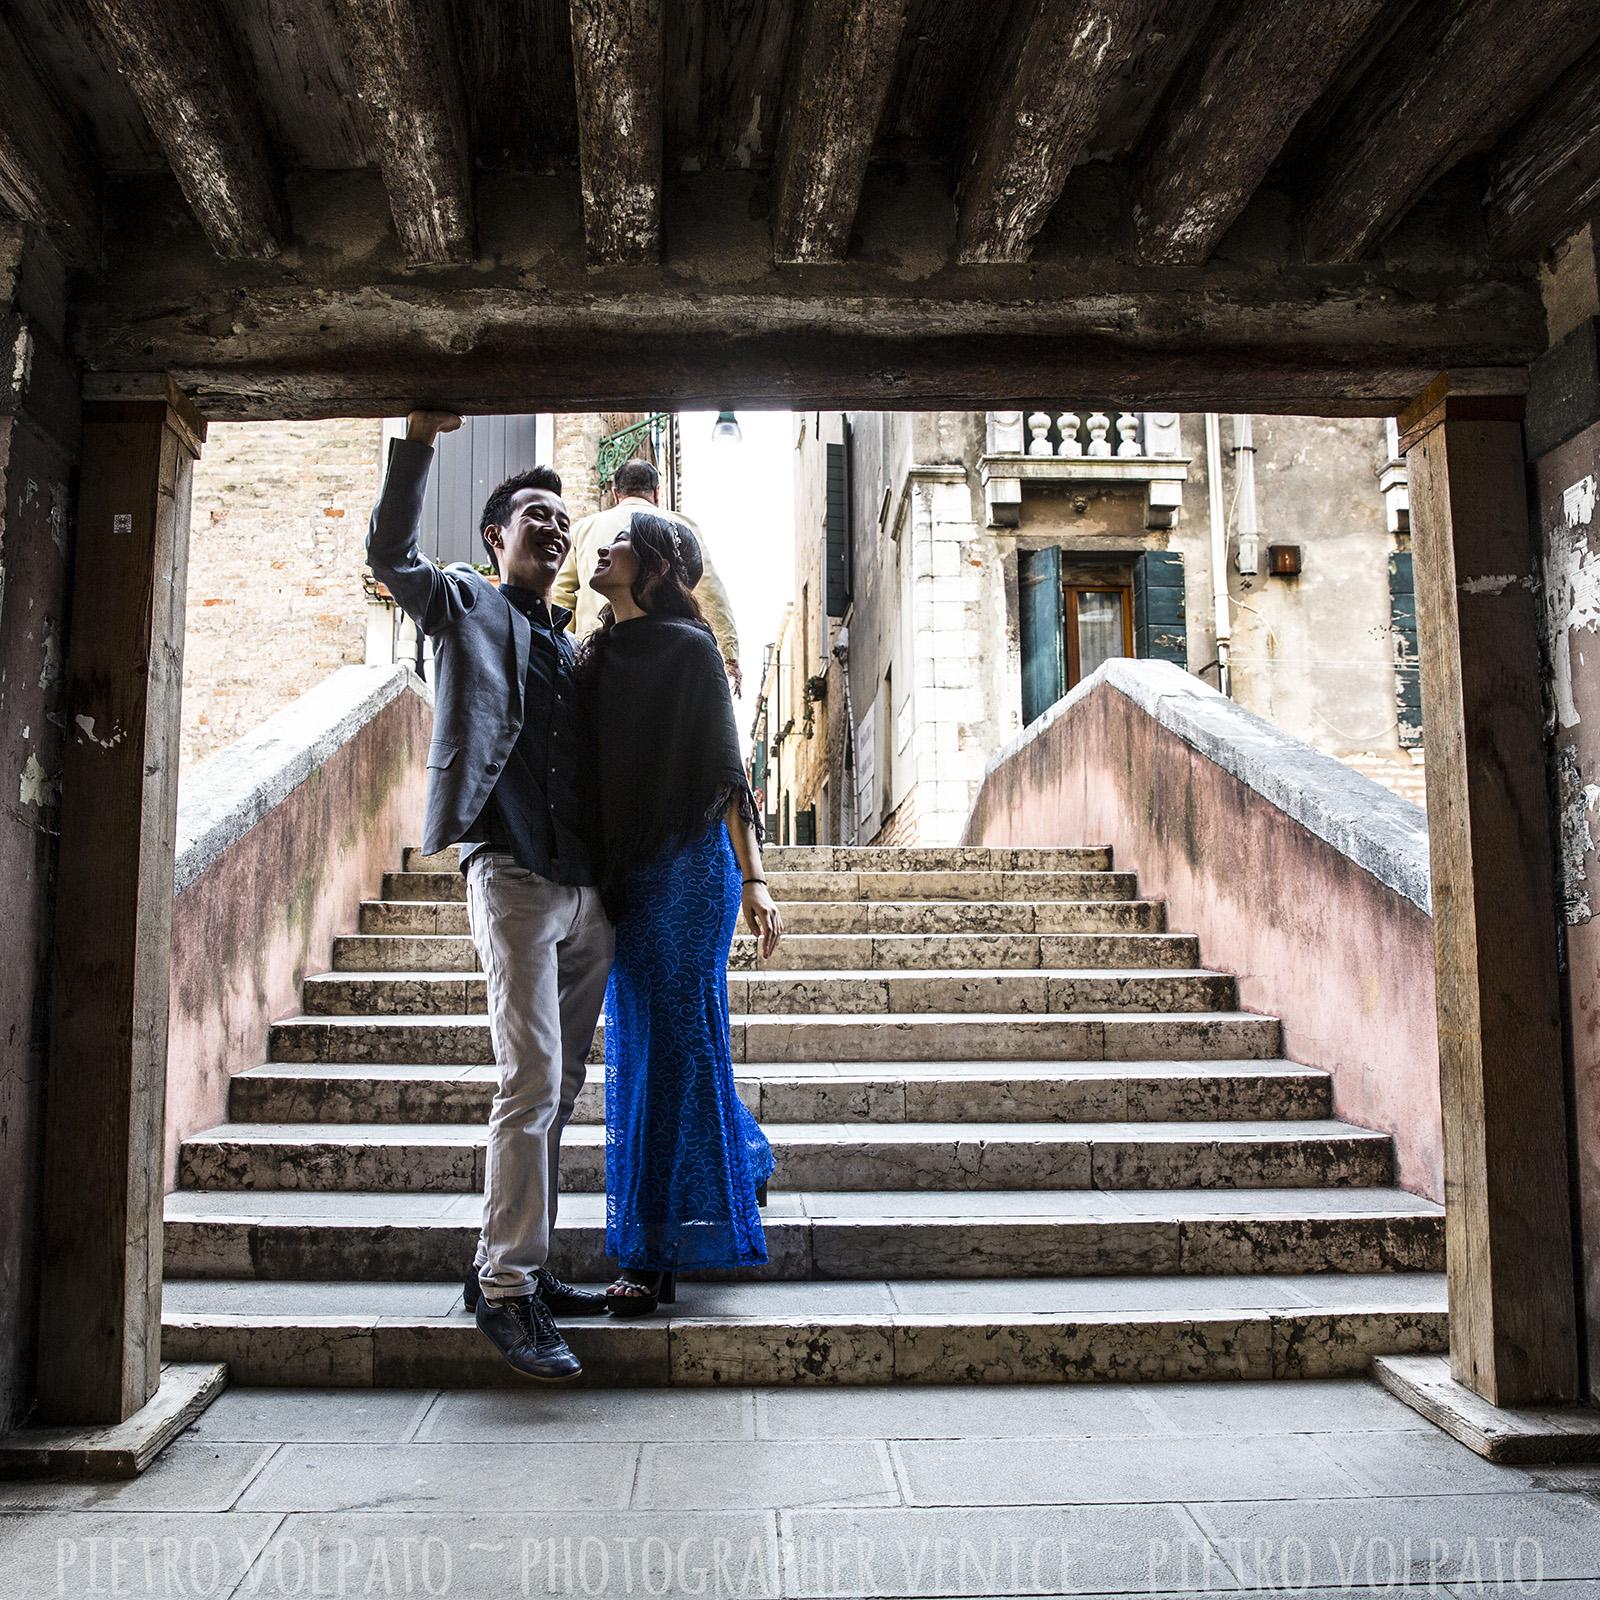 fotografo venezia servizio foto vacanza coppia innamorati